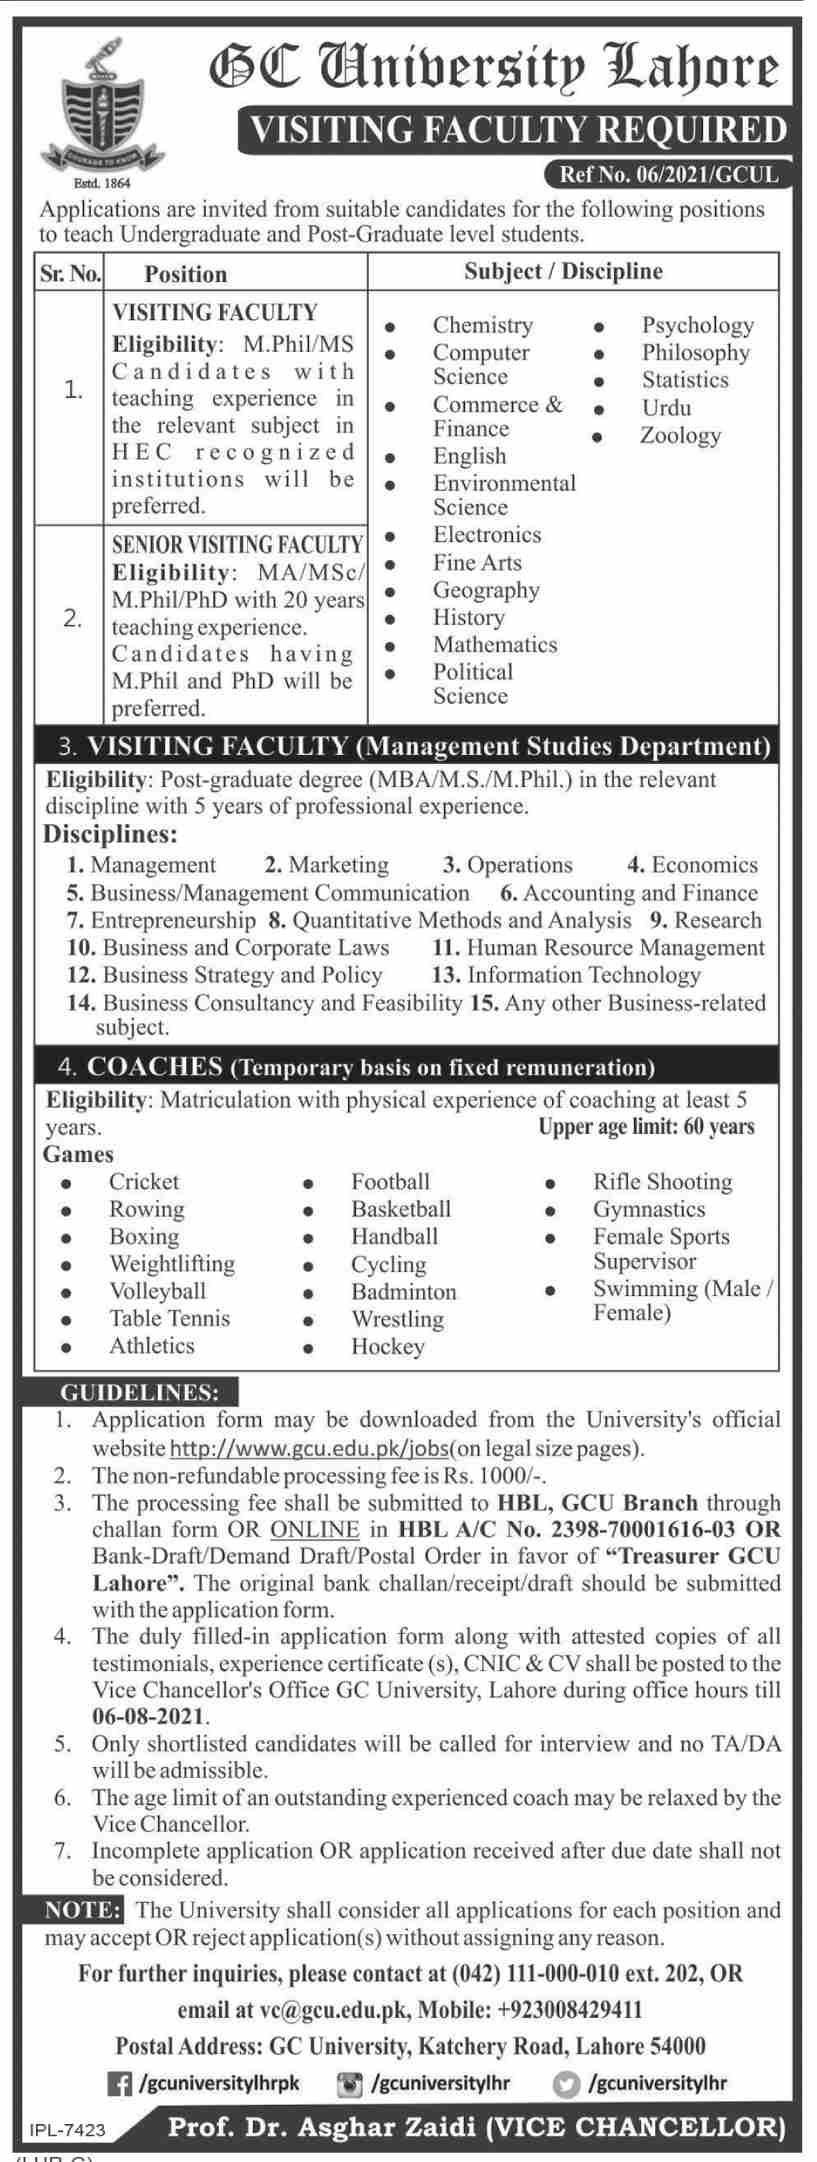 GC University Lahore Jobs 2021 – Government College University Jobs